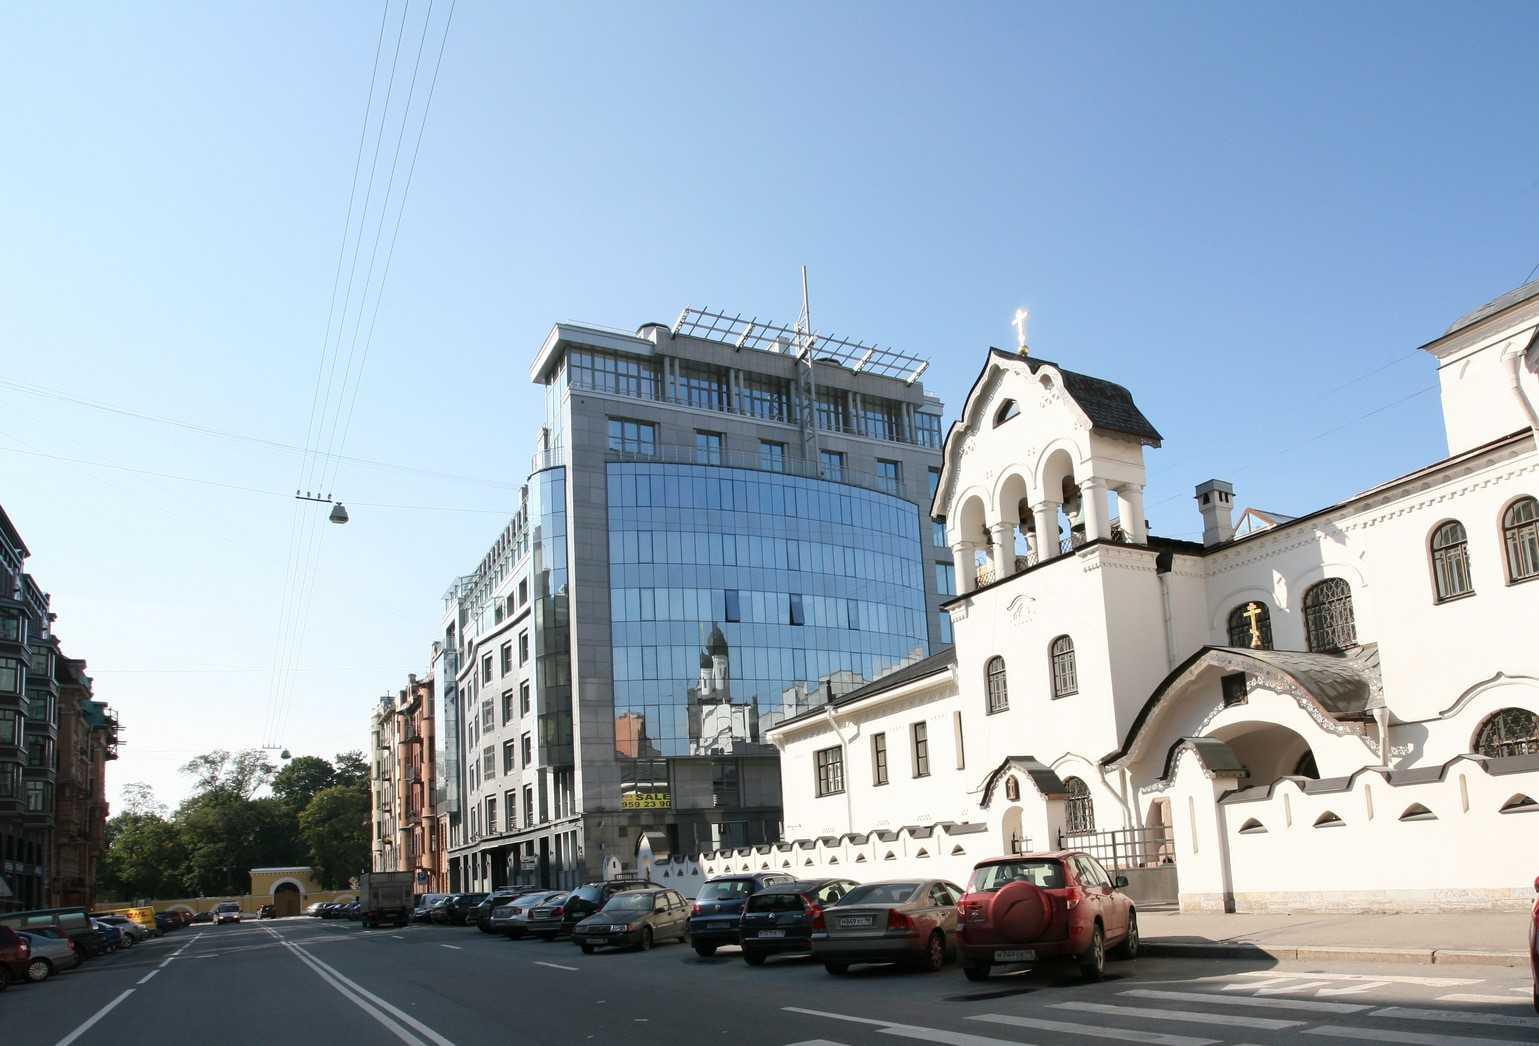 Элитные квартиры в Центральном районе. Санкт-Петербург, Тверская ул., 1A . Тверская улица с перспективой Таврического сада